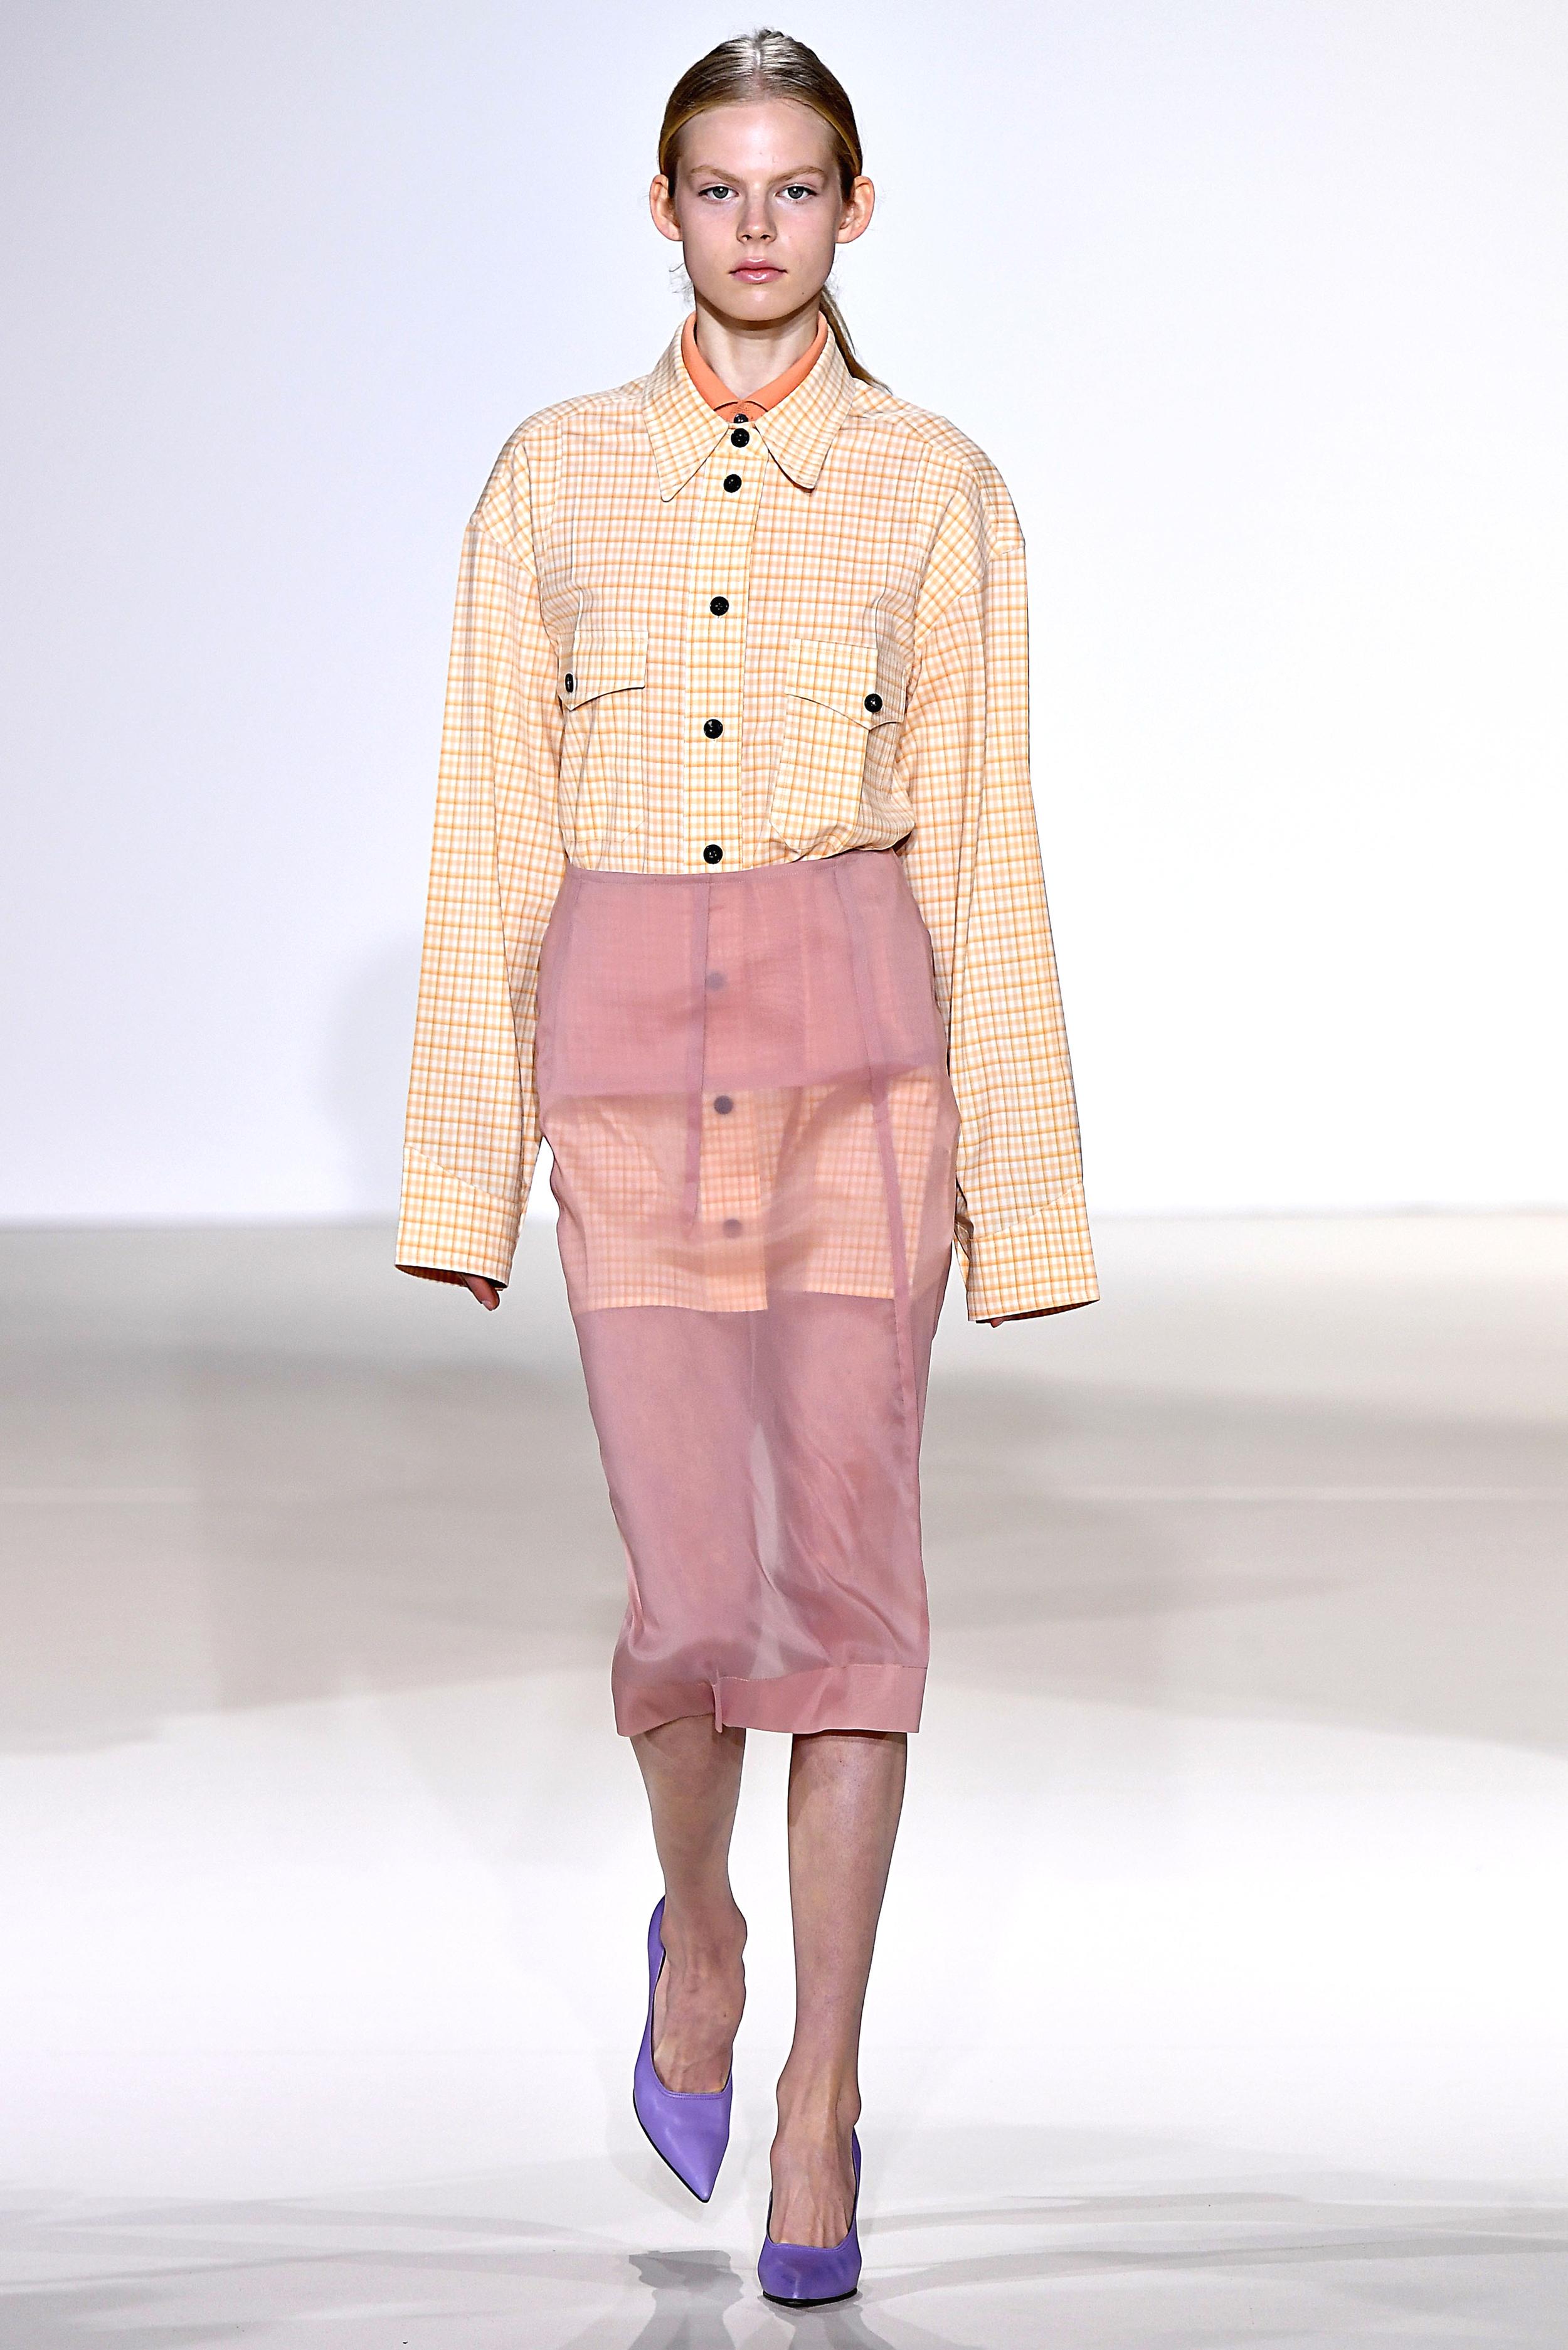 New York Fashion Week Spring/Summer: Ein Model mit durchsichtigem Rock in der Show von Victoria Beckham